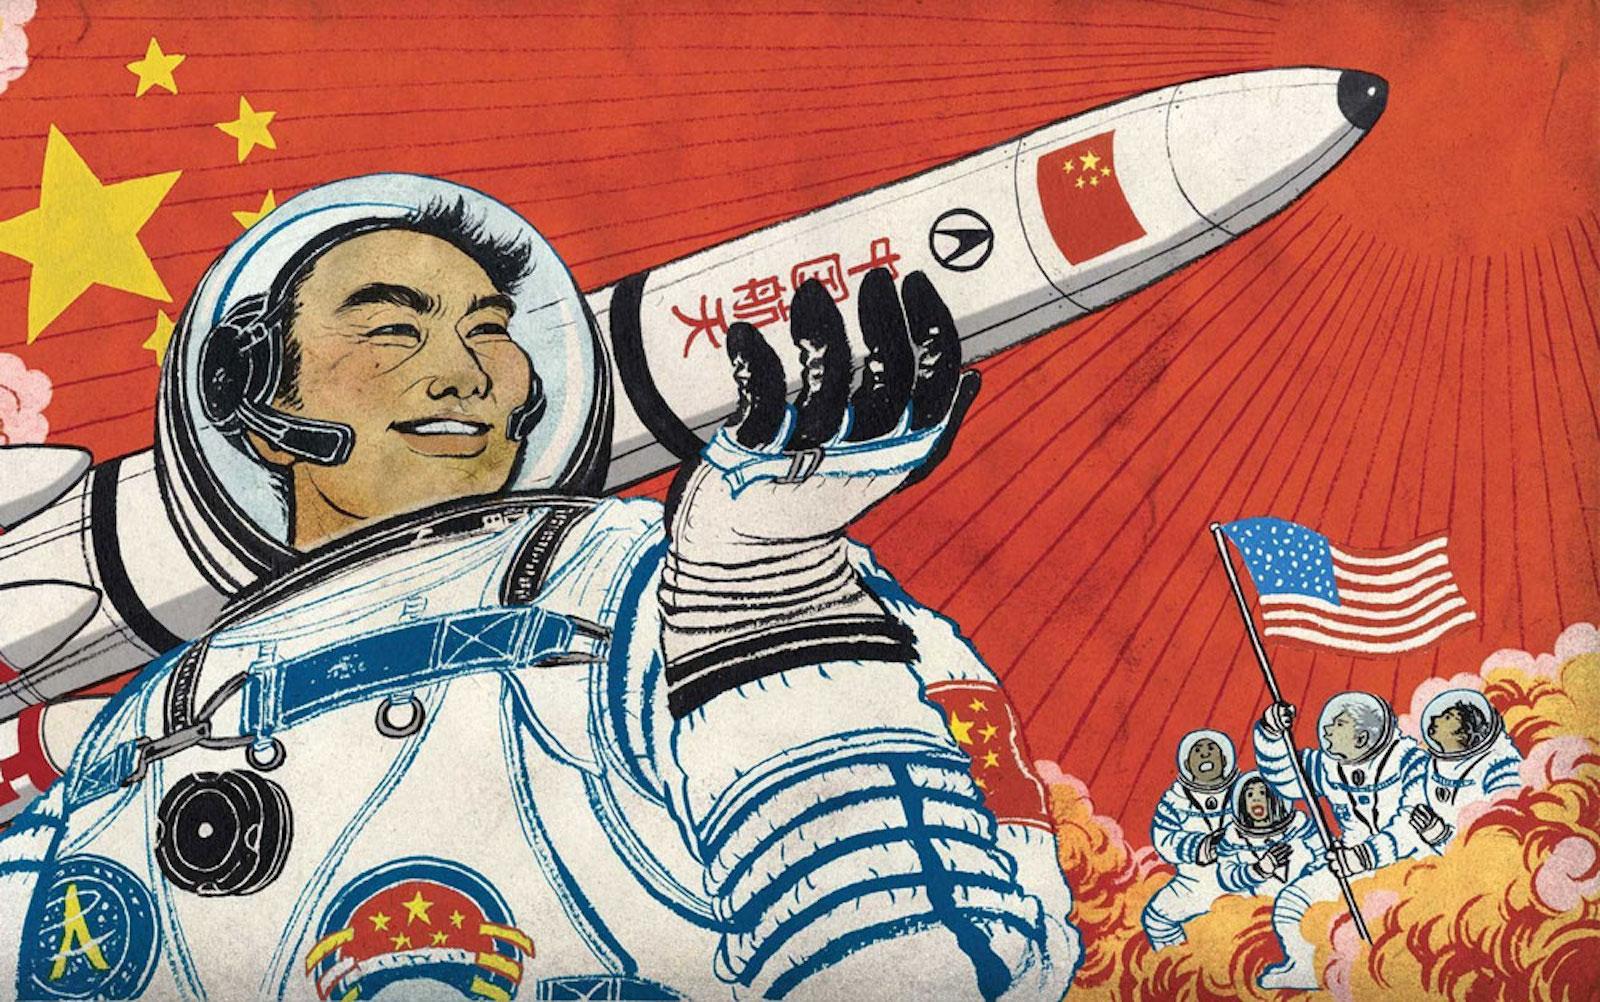 Китай планирует отправить людей на Марс в 2033 году. И построить там космическую базу